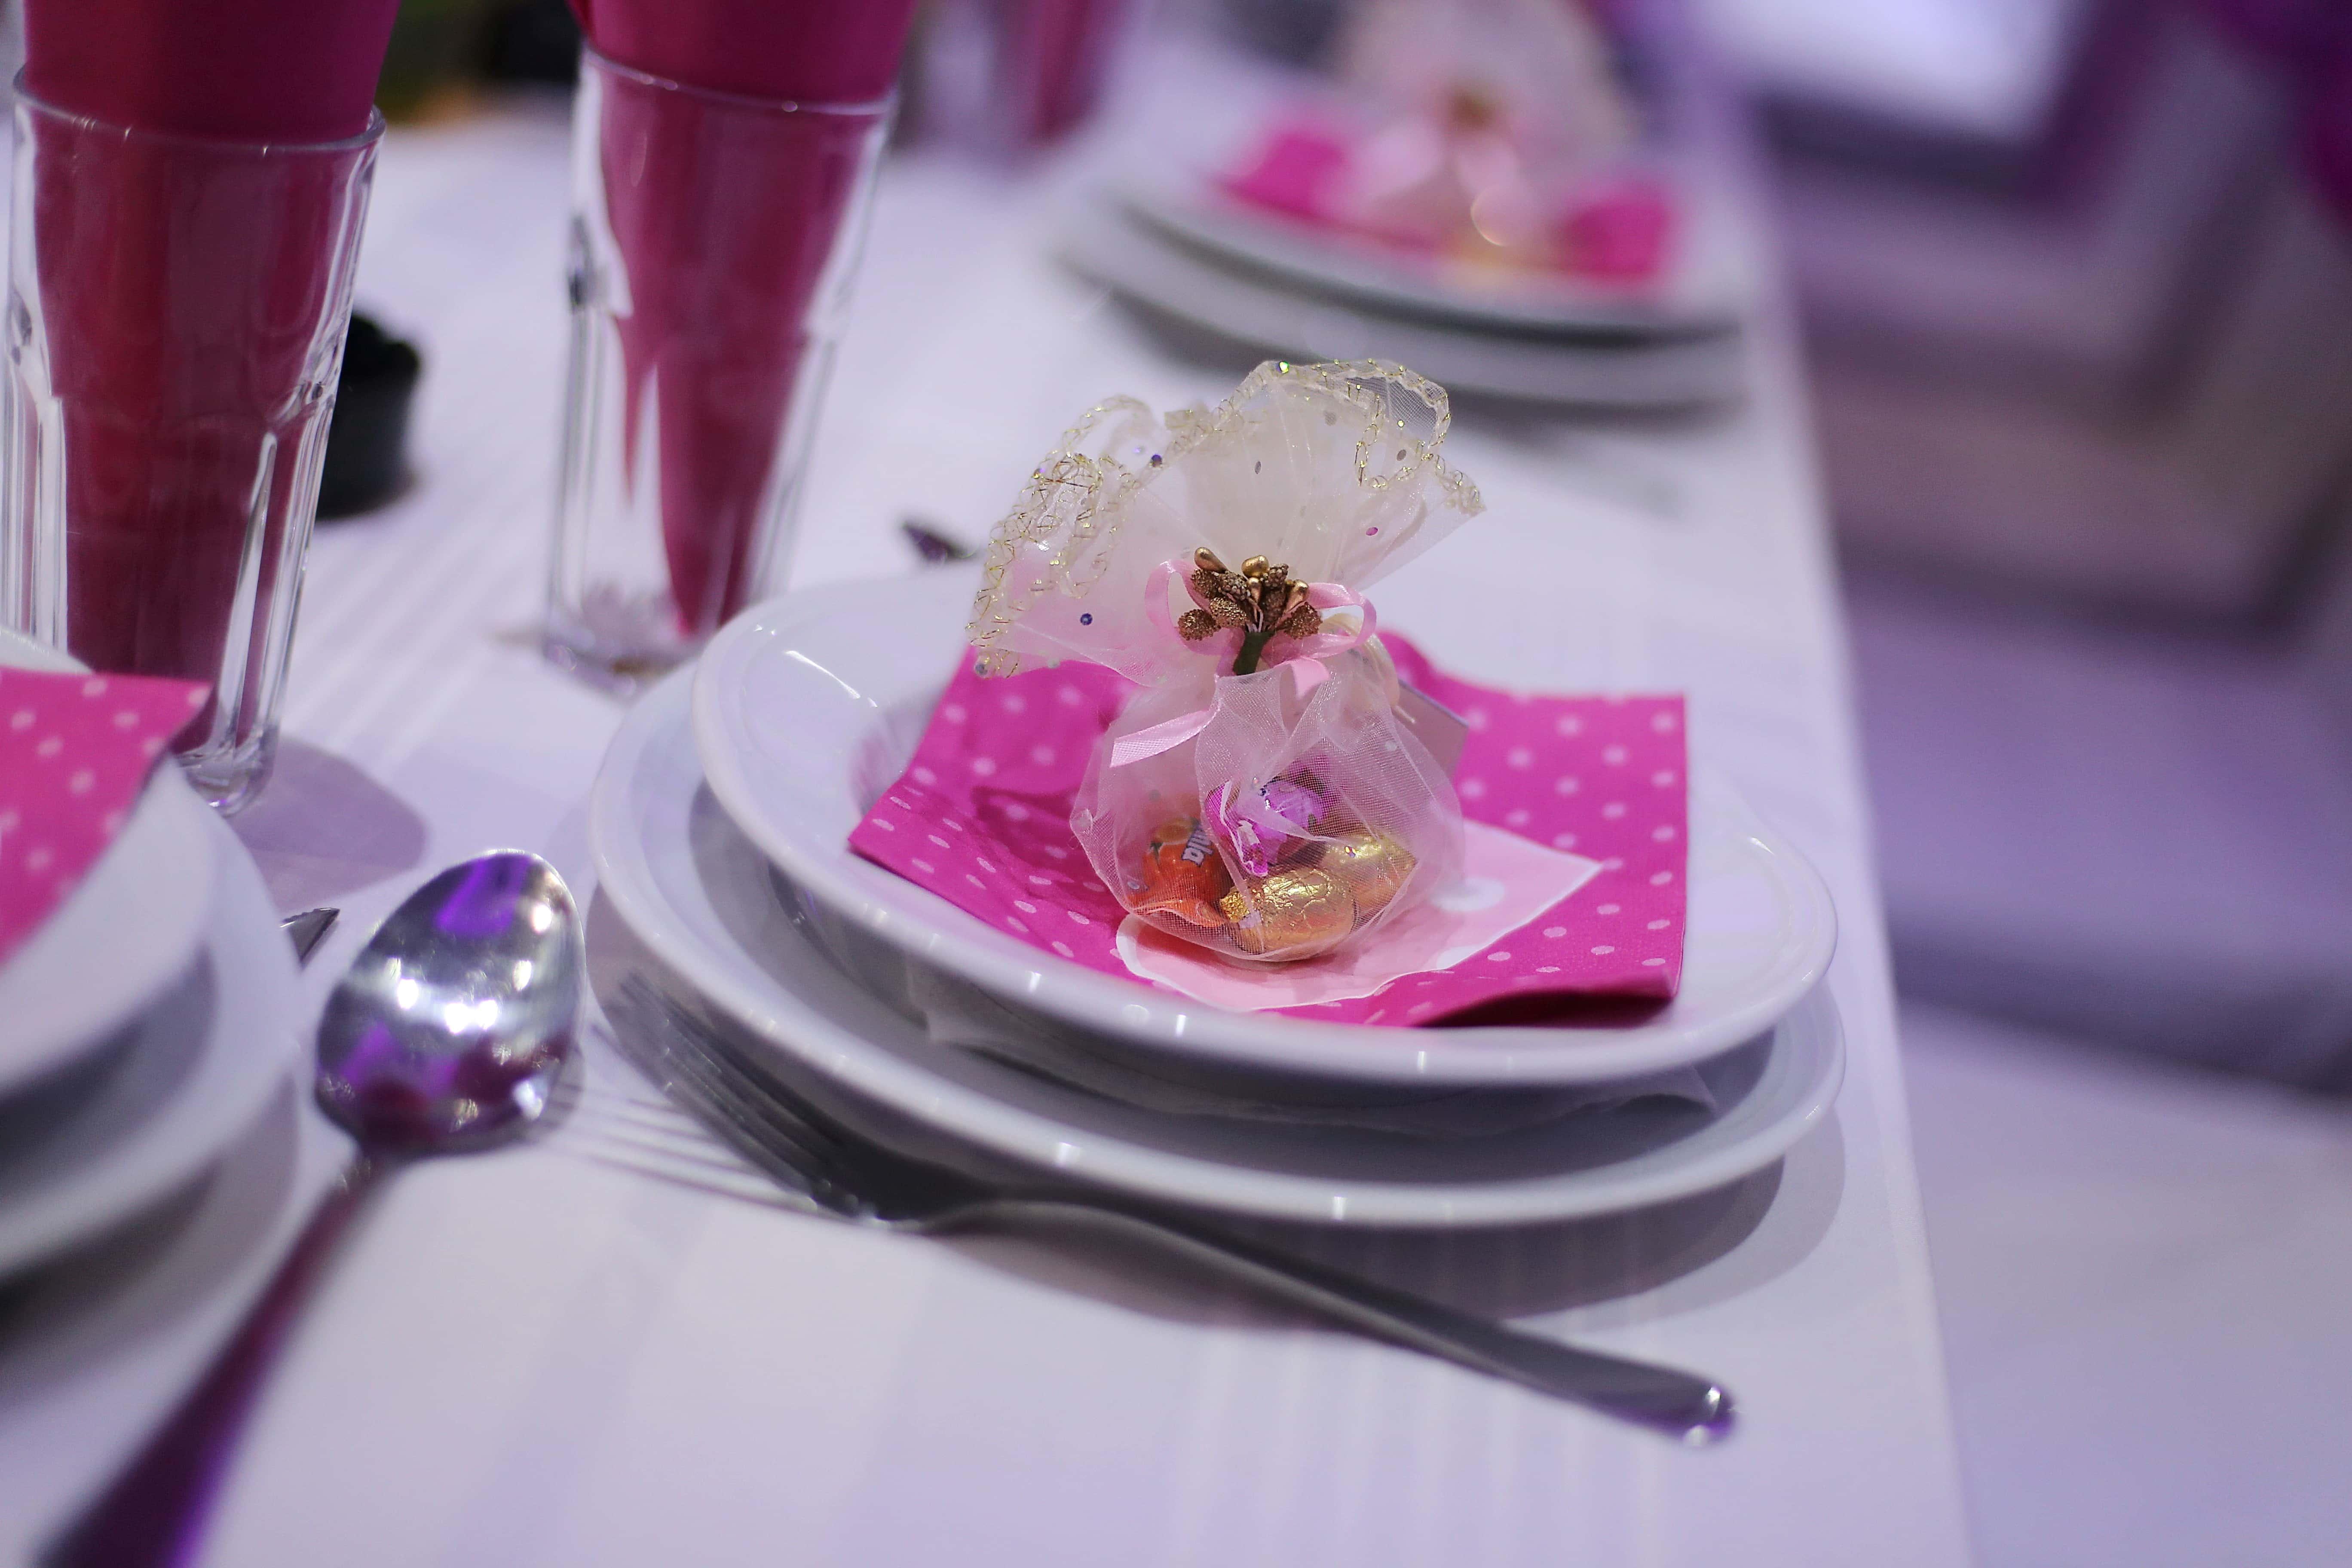 Kostenlose Bild Besteck Kantine Platte Geschenke Bonbon Hochzeitsort Liebe Romantische Hochzeit Speise